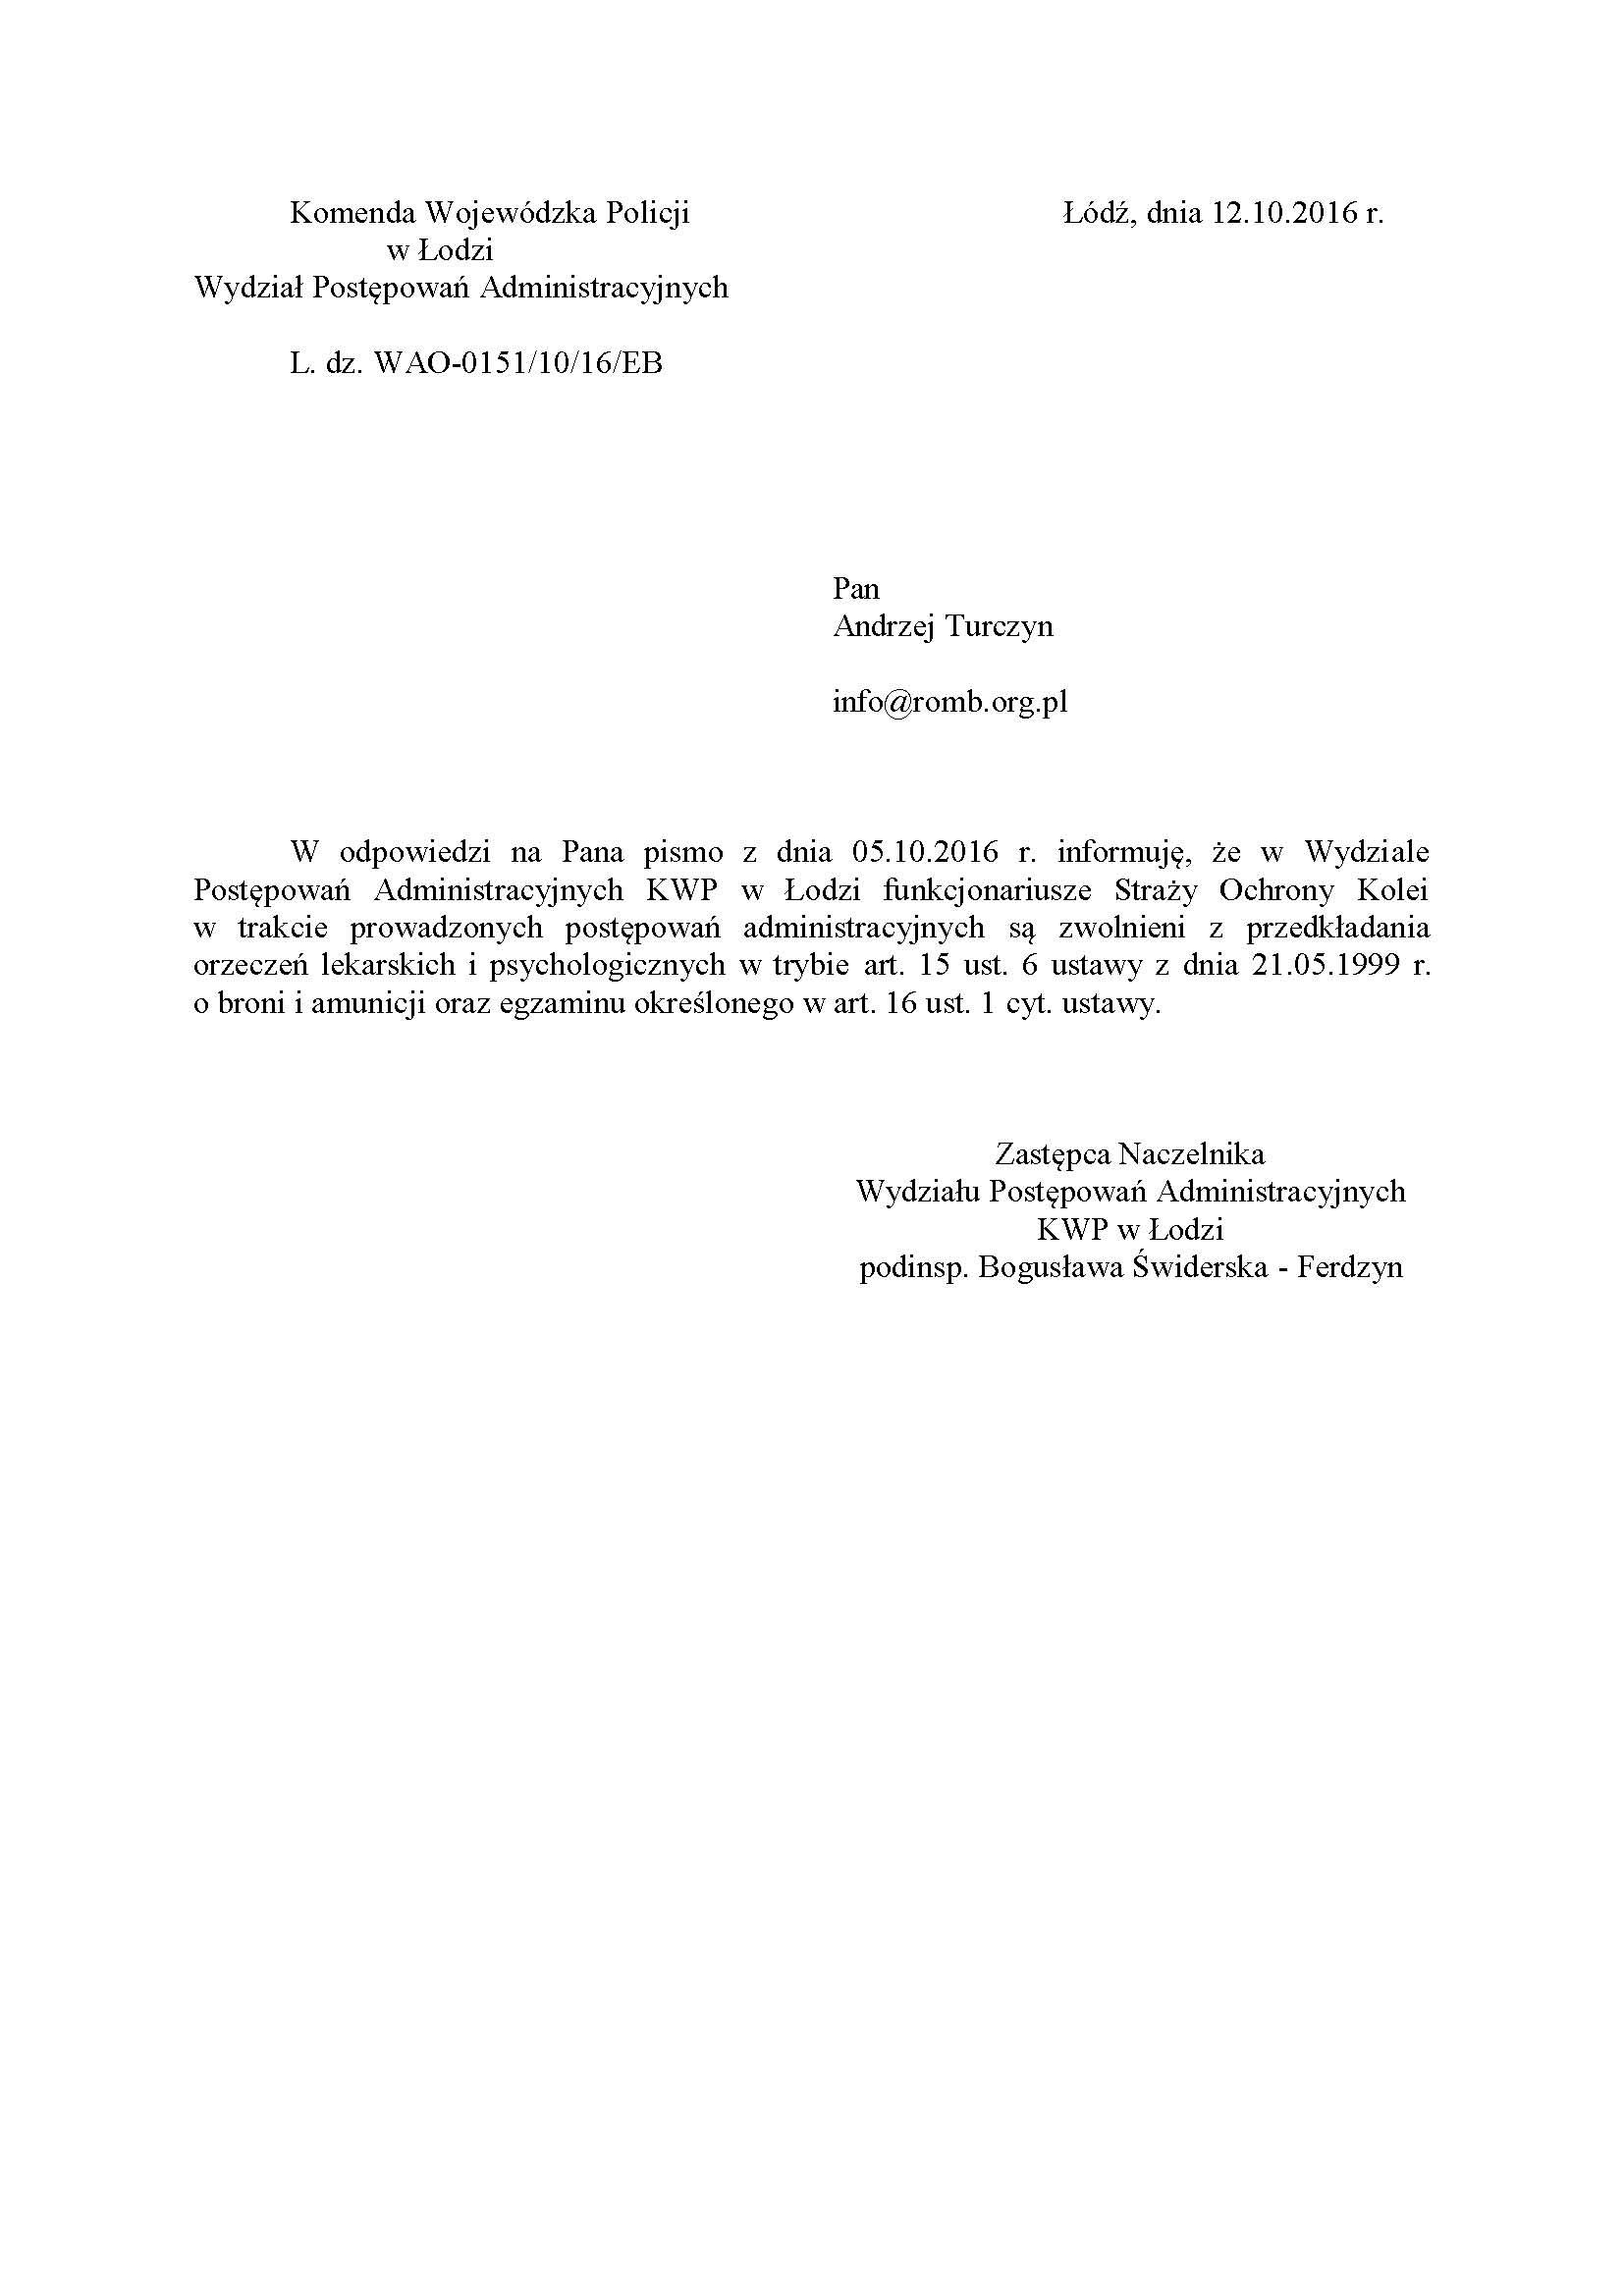 pi.KWP.LODZ.121016